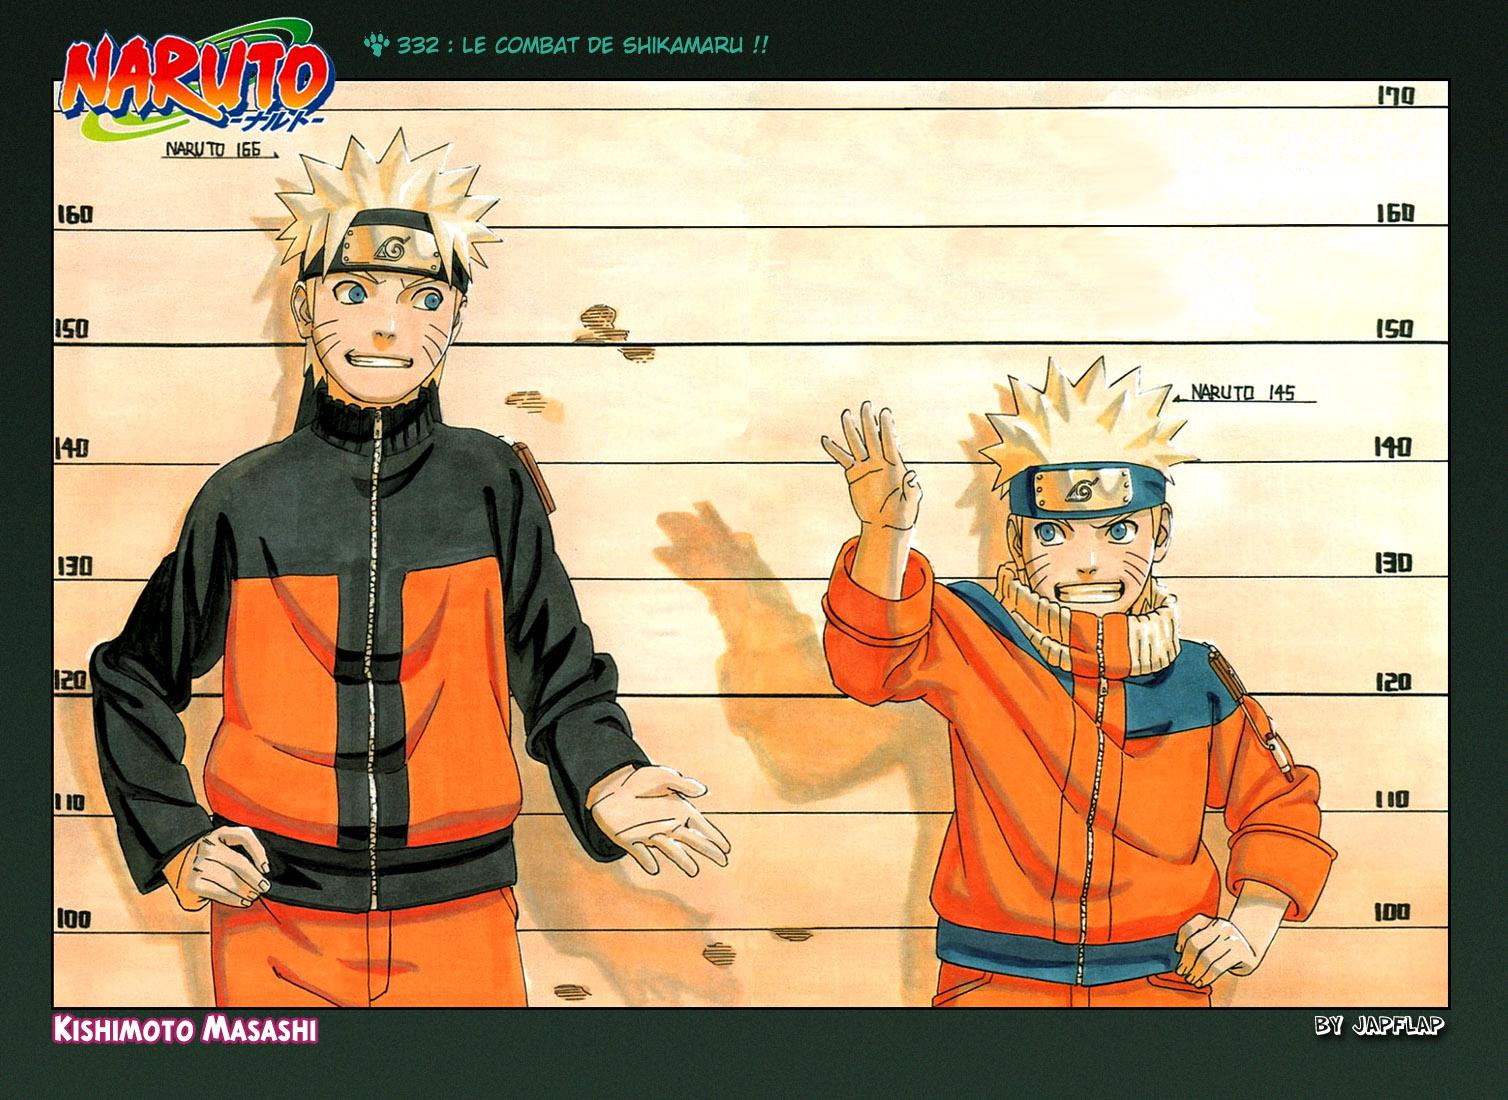 Naruto chapitre 332 - Page 1